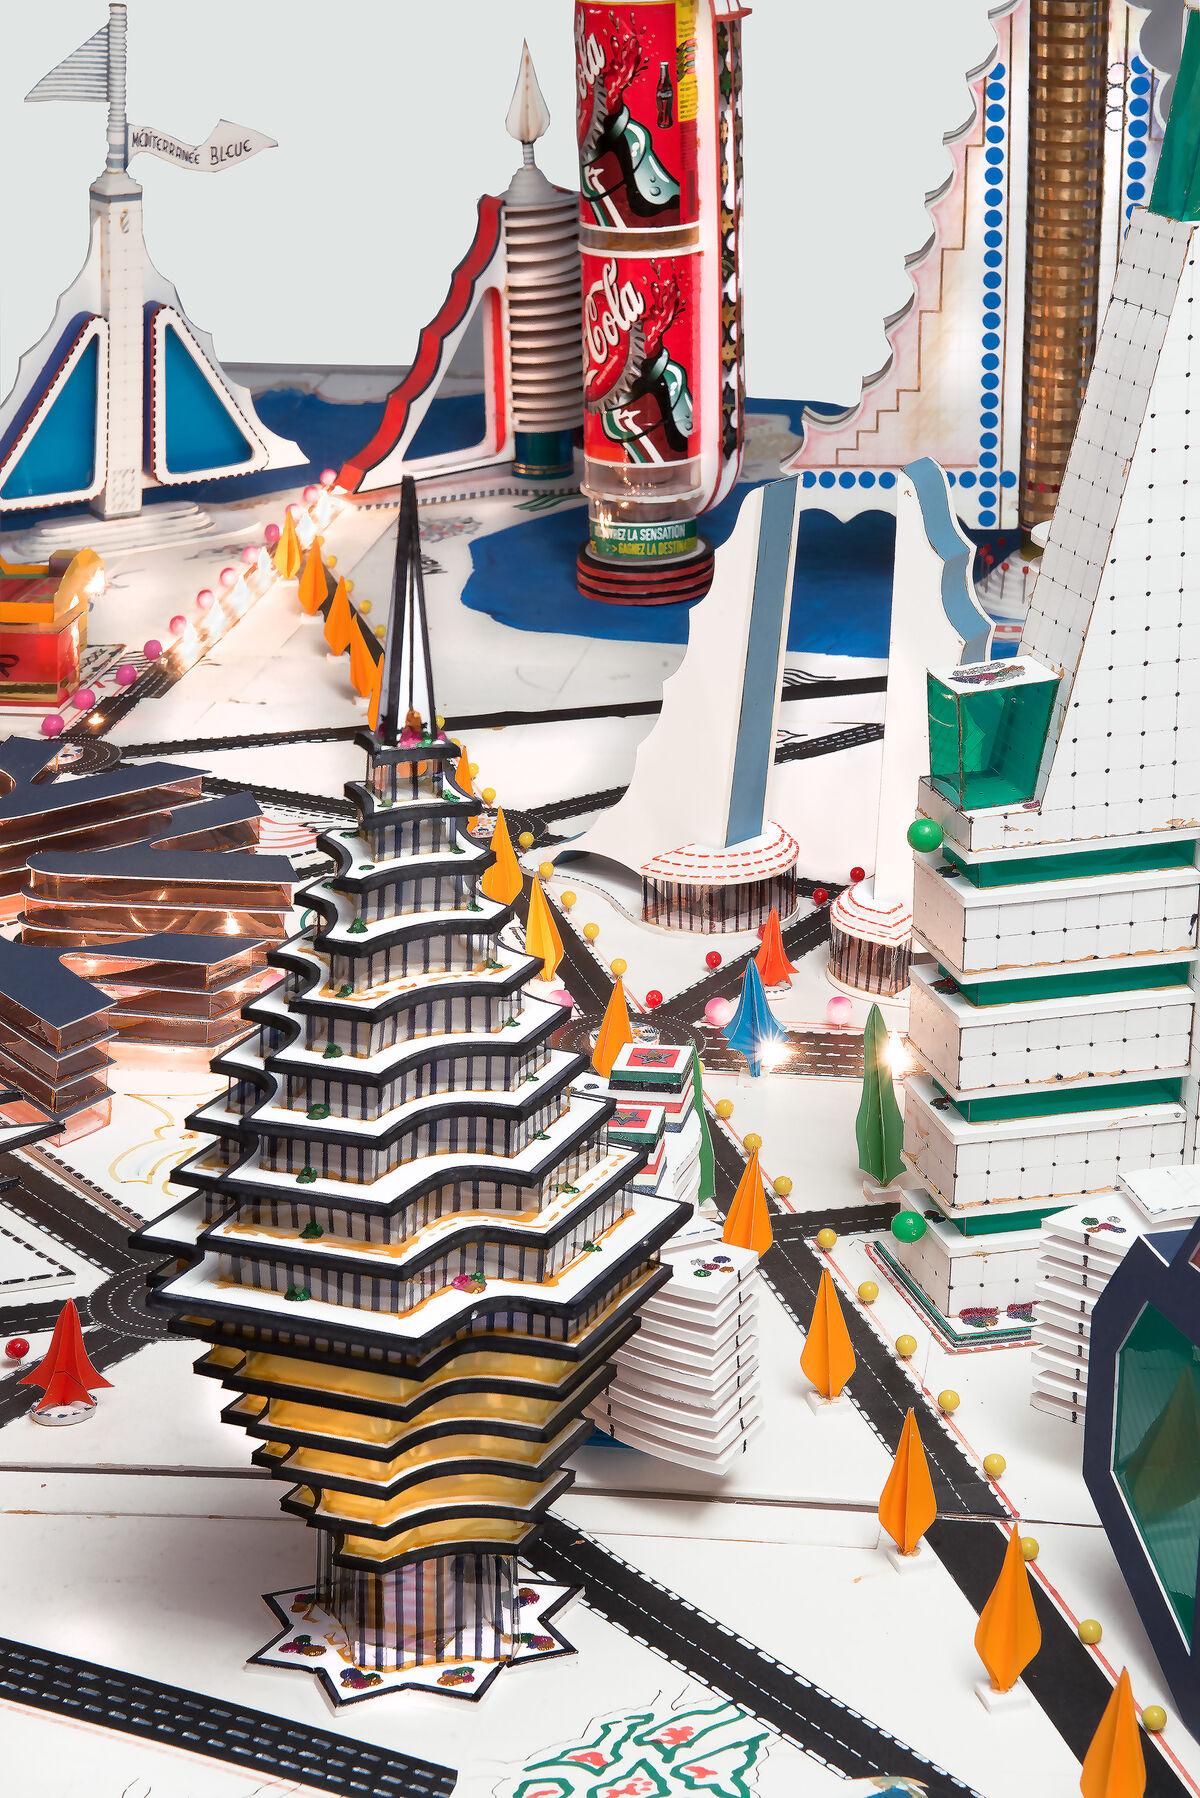 Bodys Isek Kingelez, Ville de Sète 3009 (detail), 2000. Collection Musée International des Arts Modestes (MIAM), Sète, France. © Pierre Schwartz ADAGP; courtesy Musée International des Arts Modestes (MIAM), Sète, France